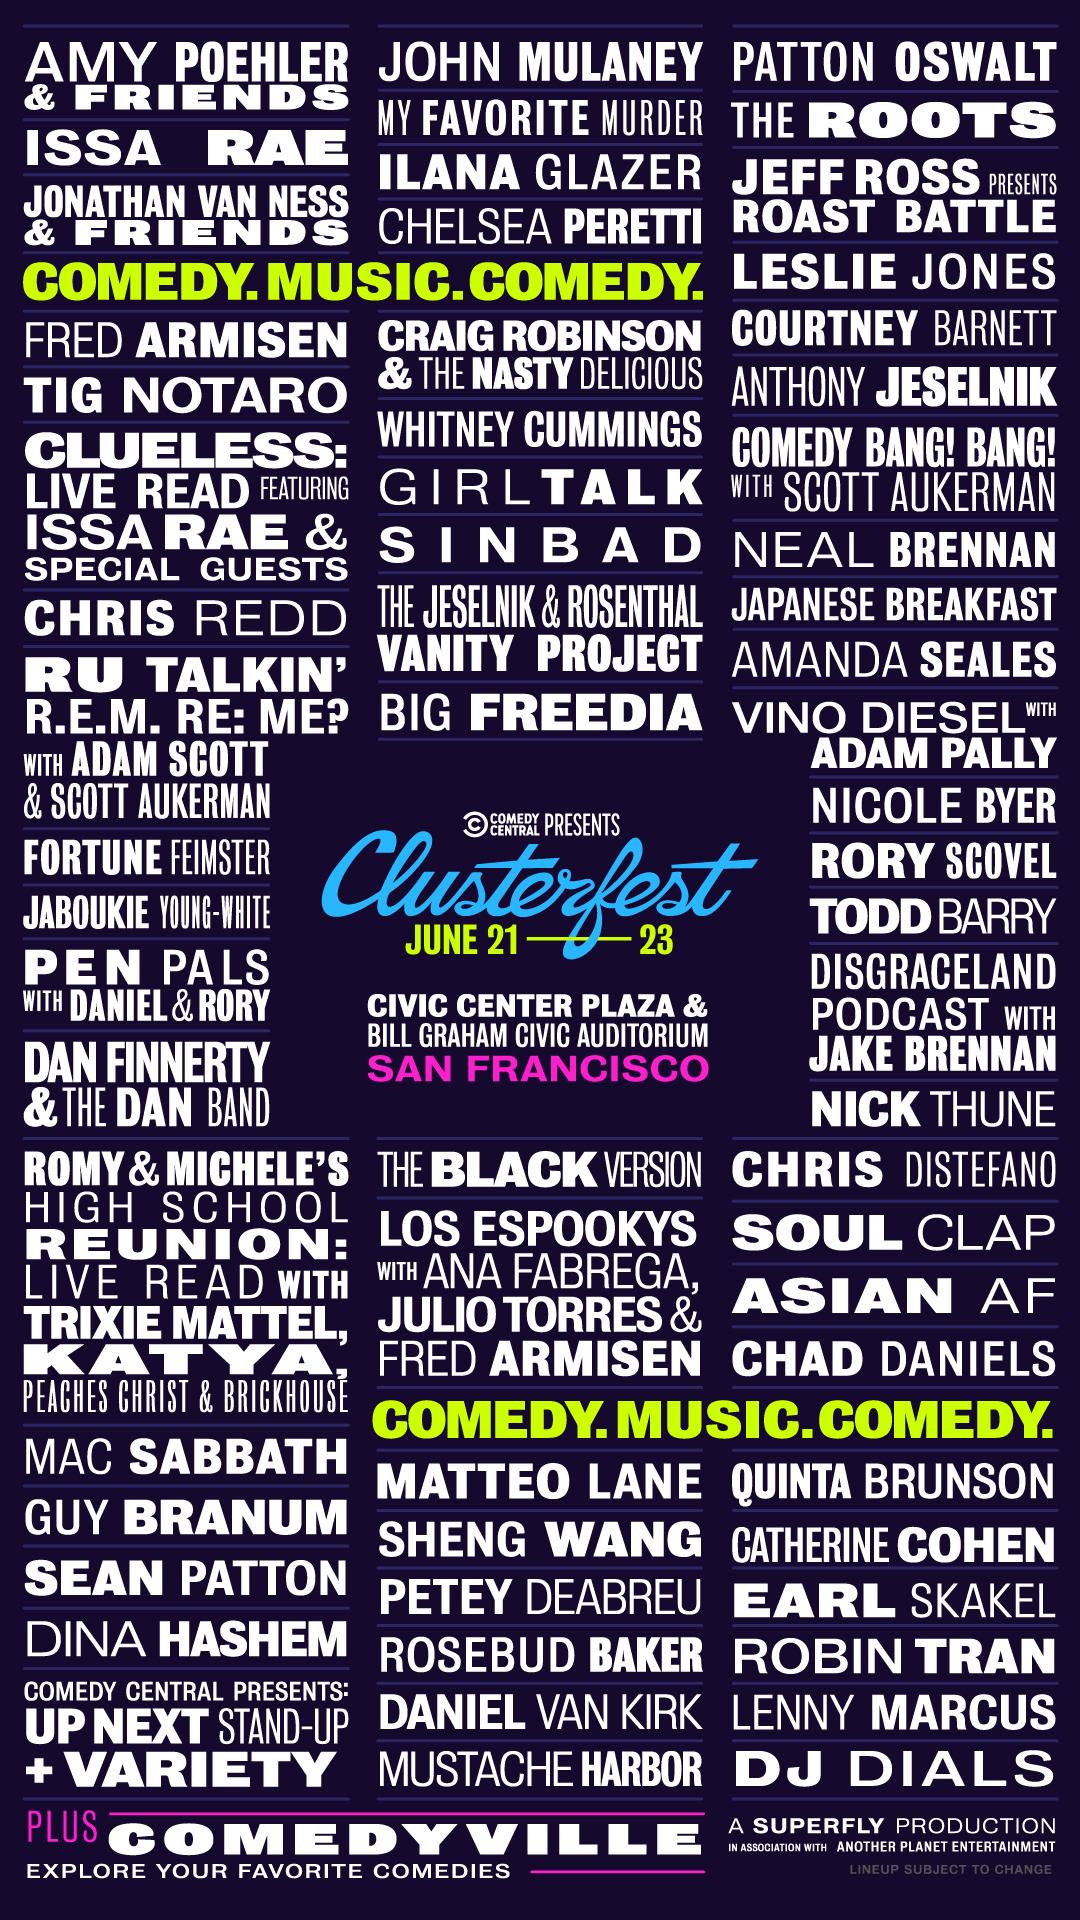 lineup-436-poster-052700a6-07c1-4a52-94ae-4691398a4488.jpg